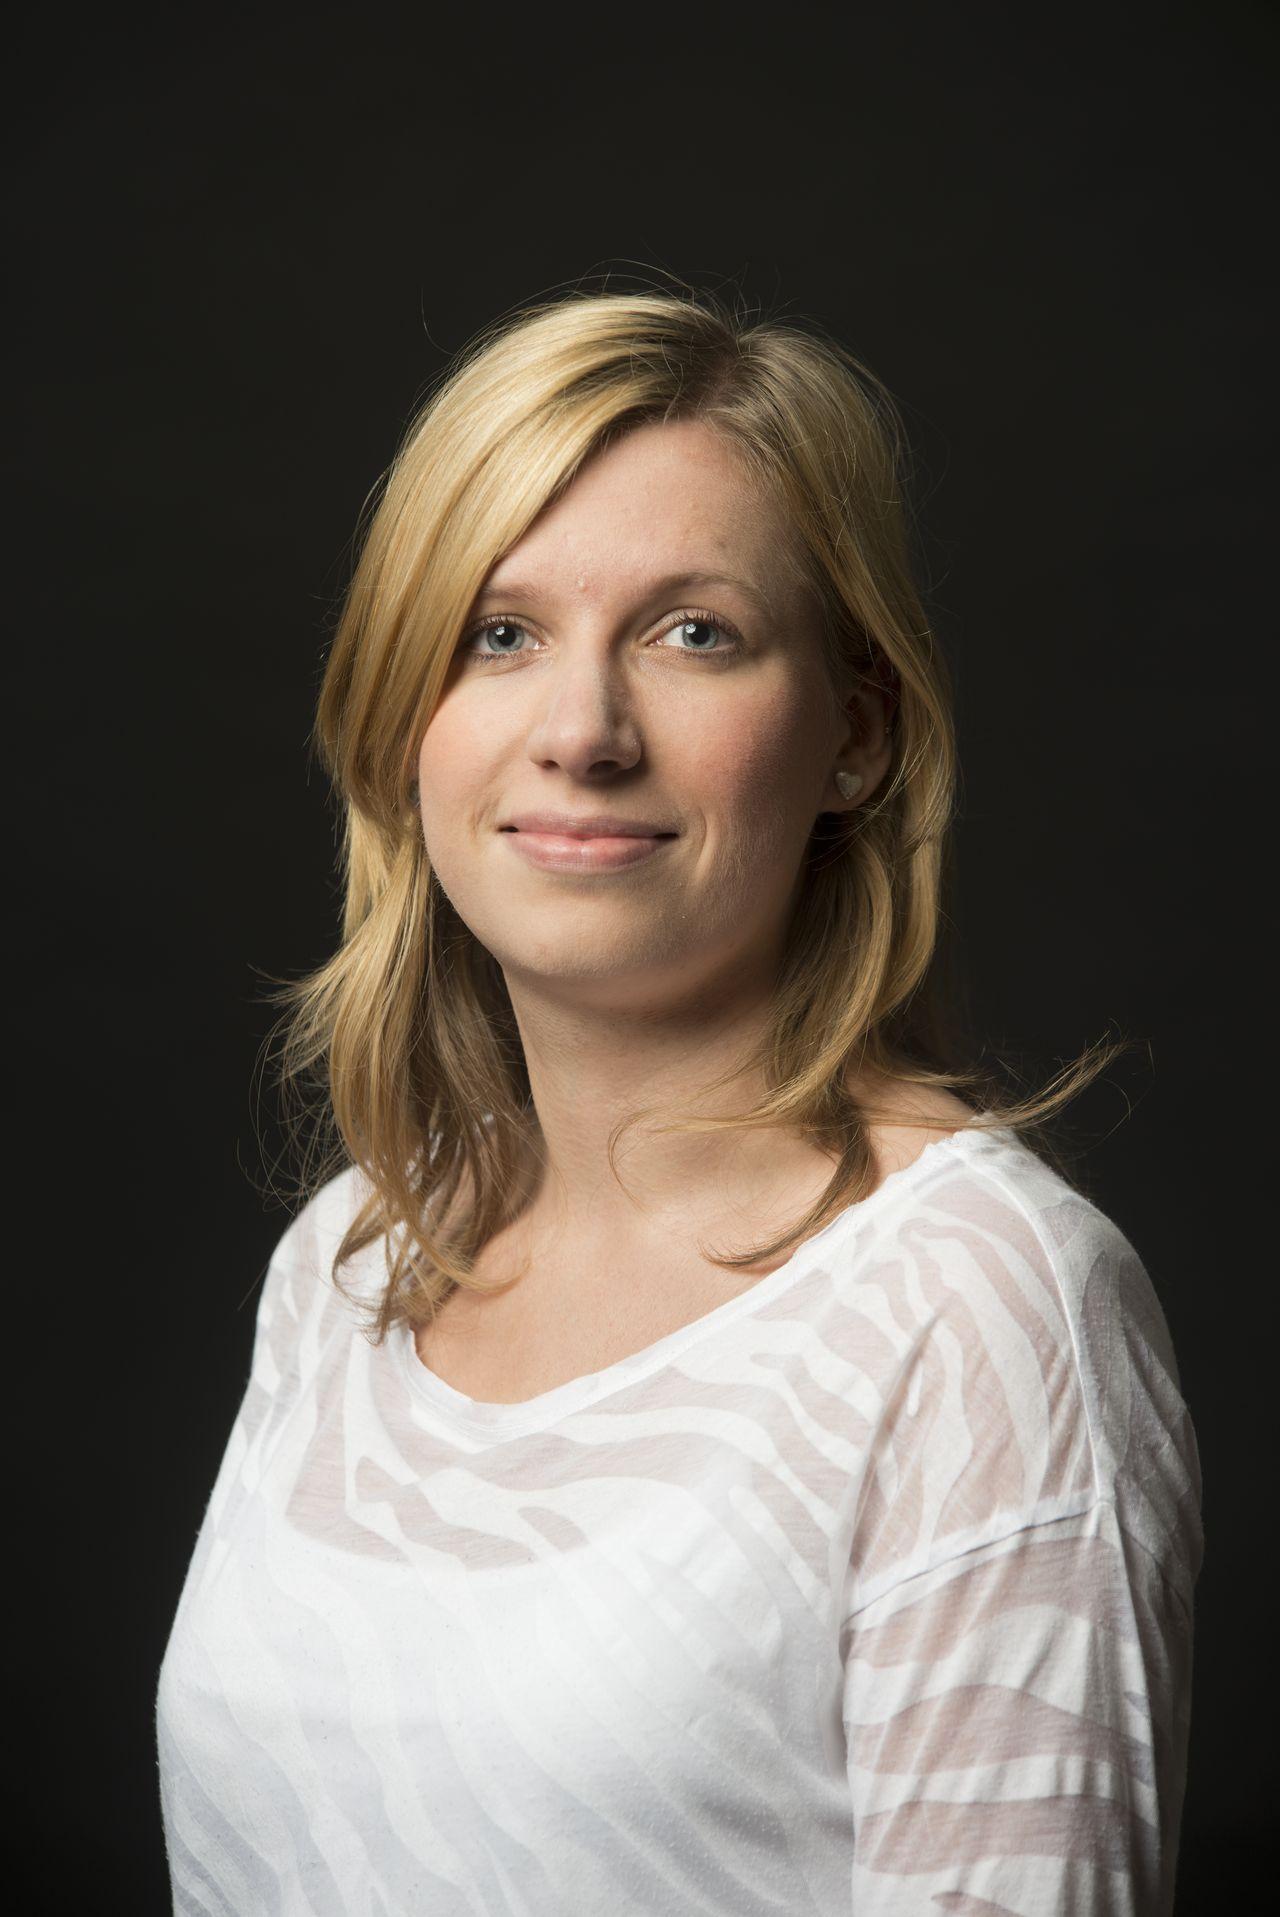 Nieuwe medewerker Antagonist: Marieke Wientjes